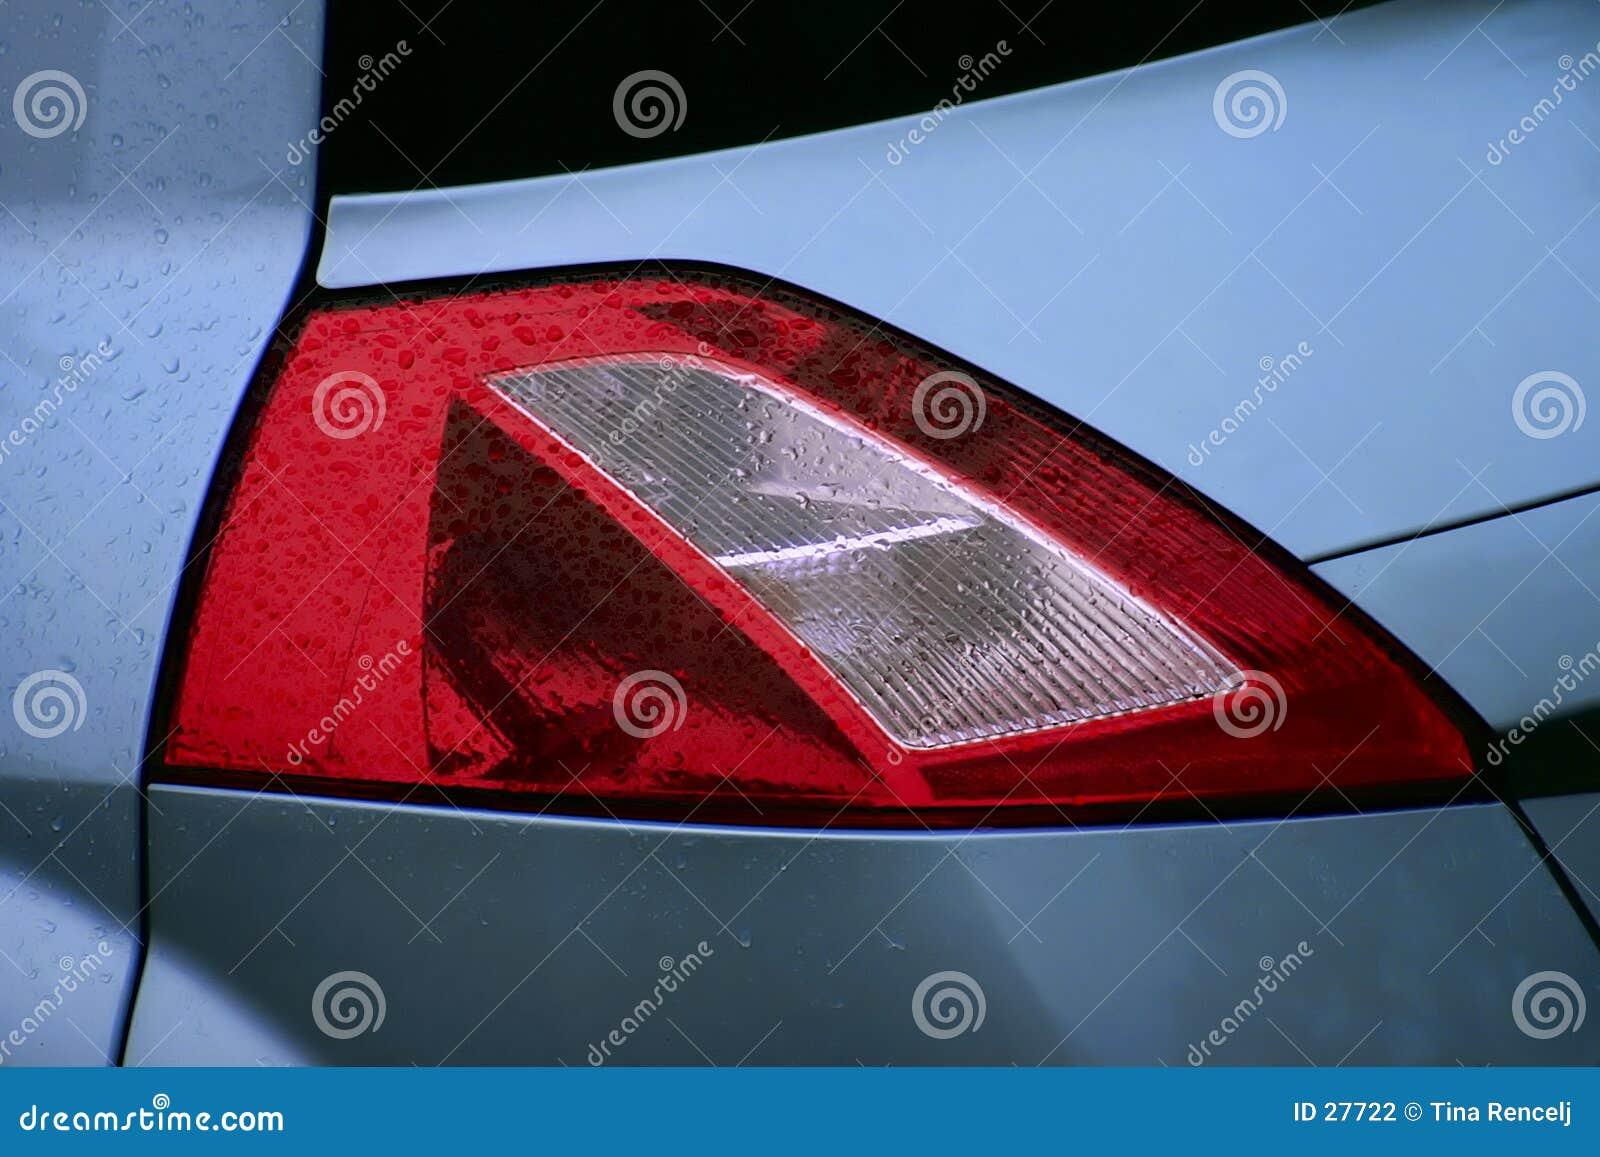 Renault Megane II rear lamp